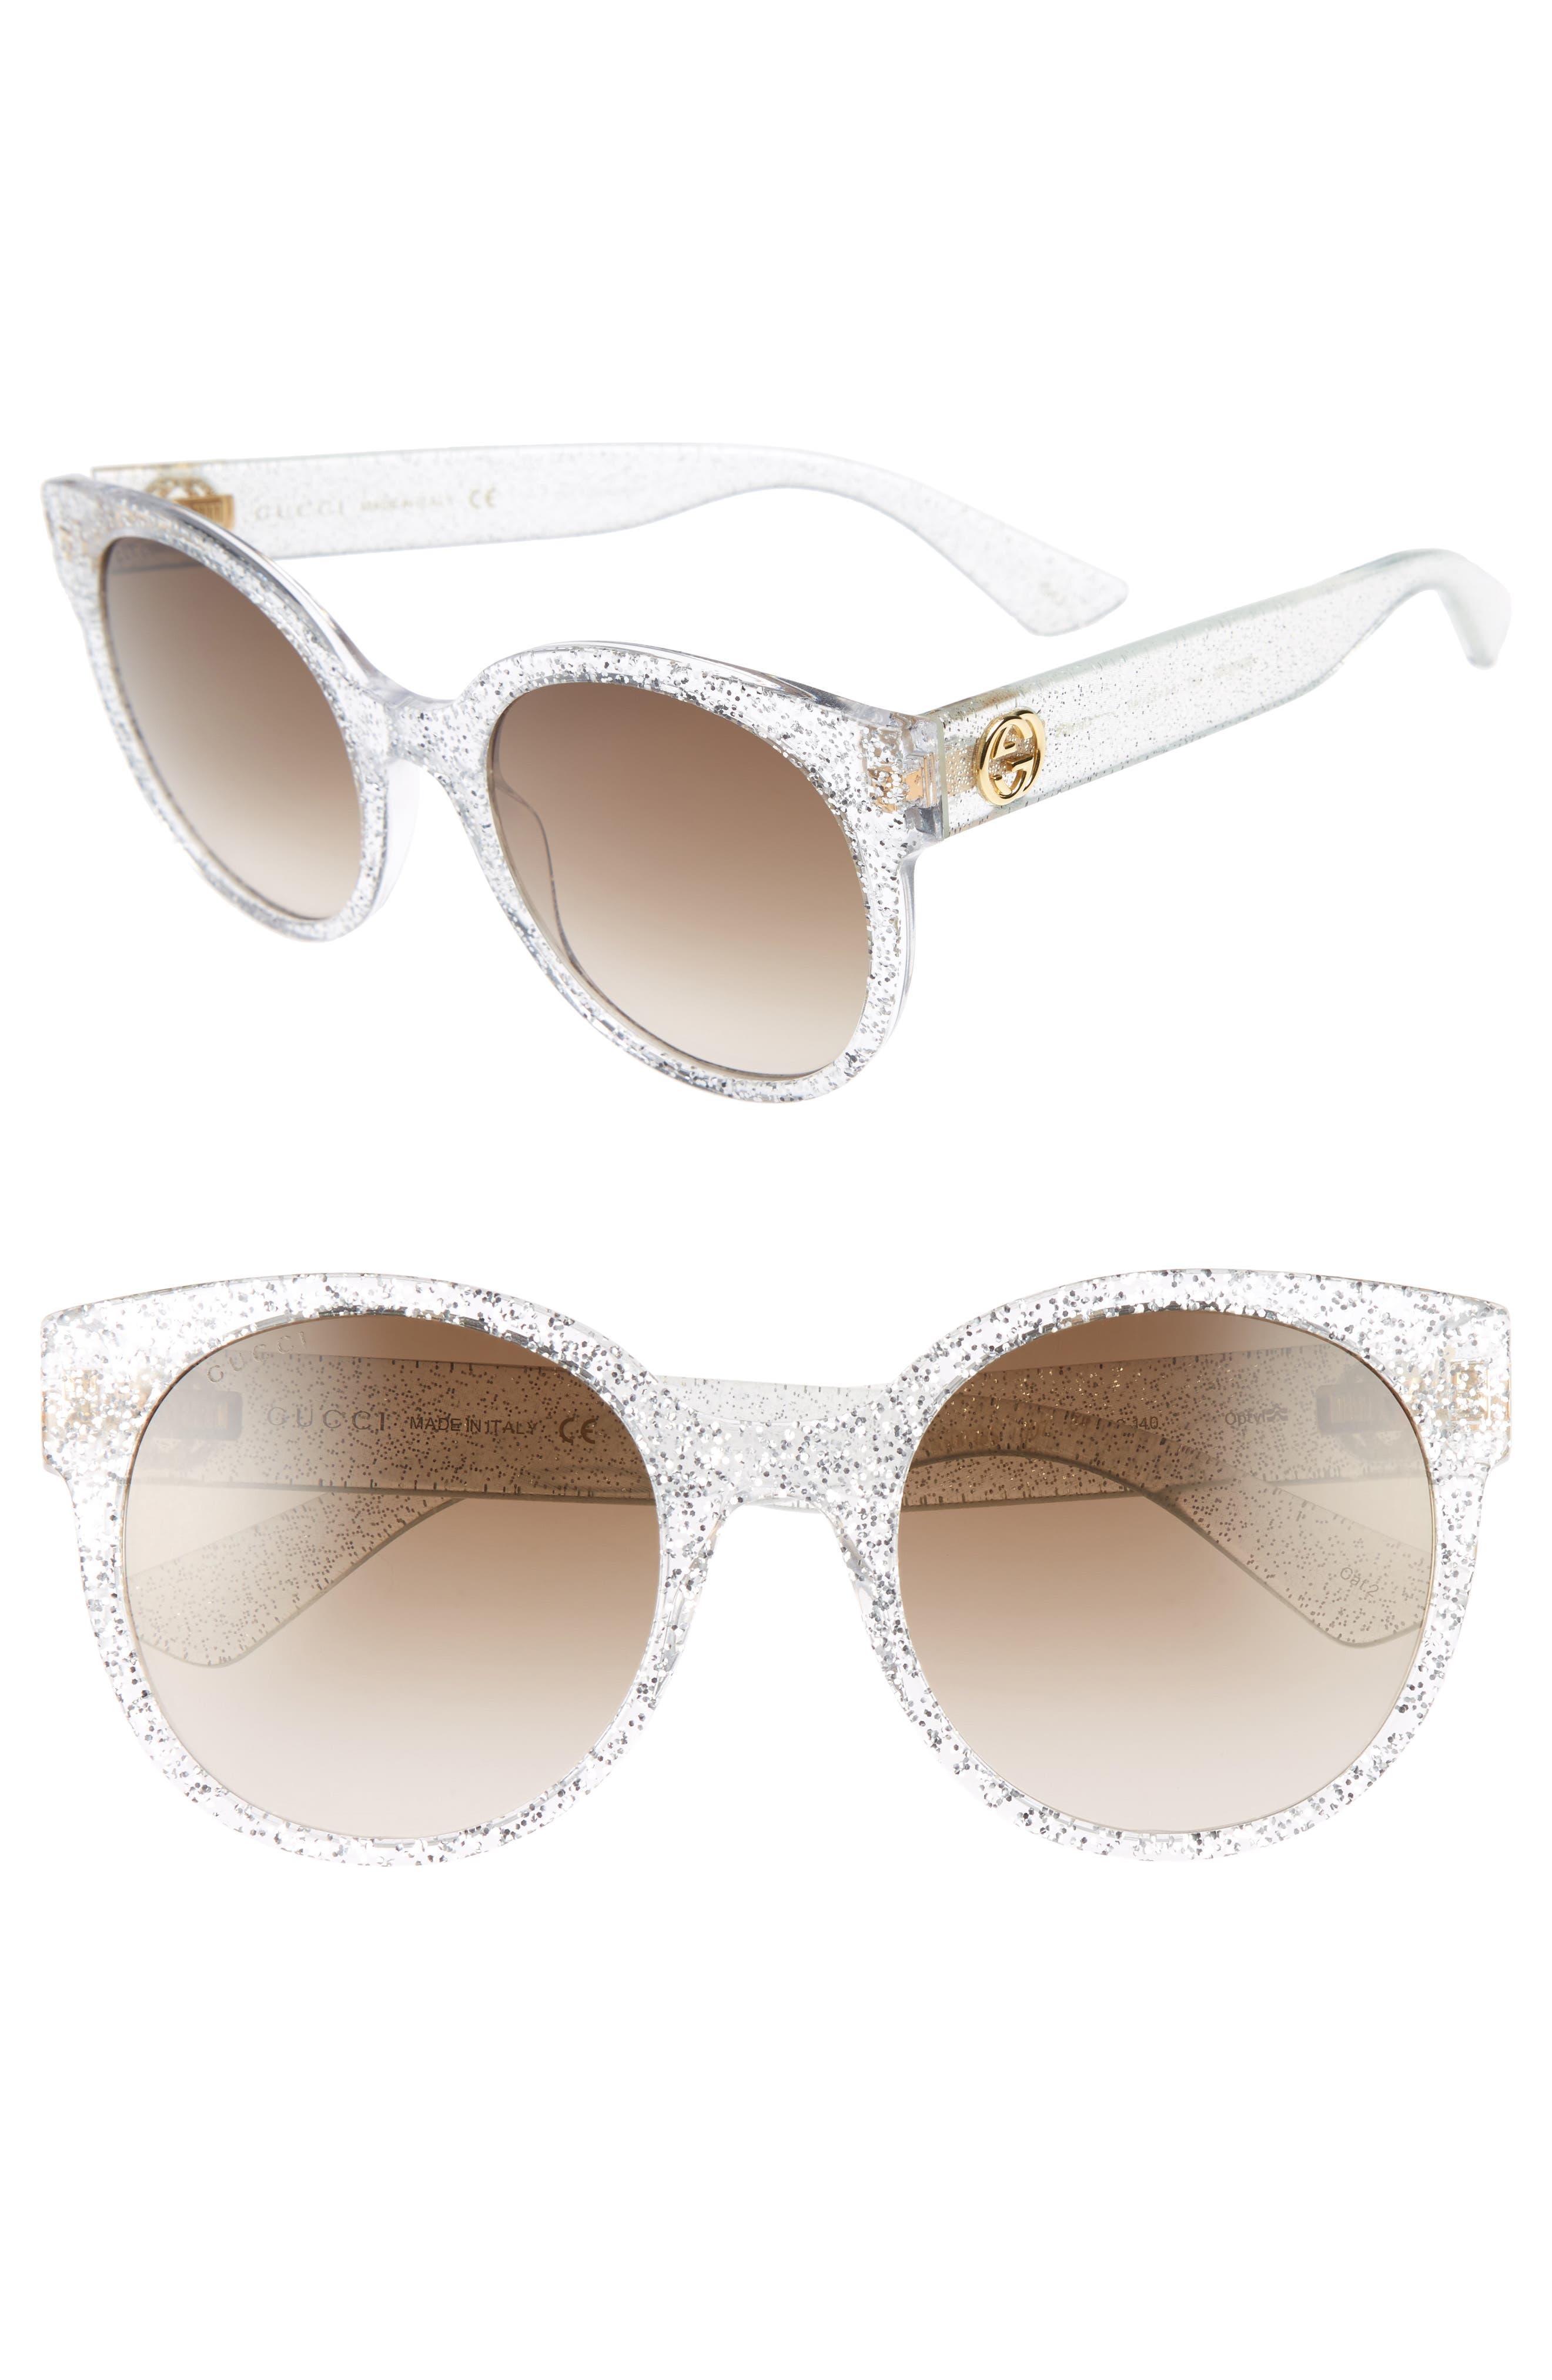 54mm Glitter Sunglasses,                         Main,                         color, 040